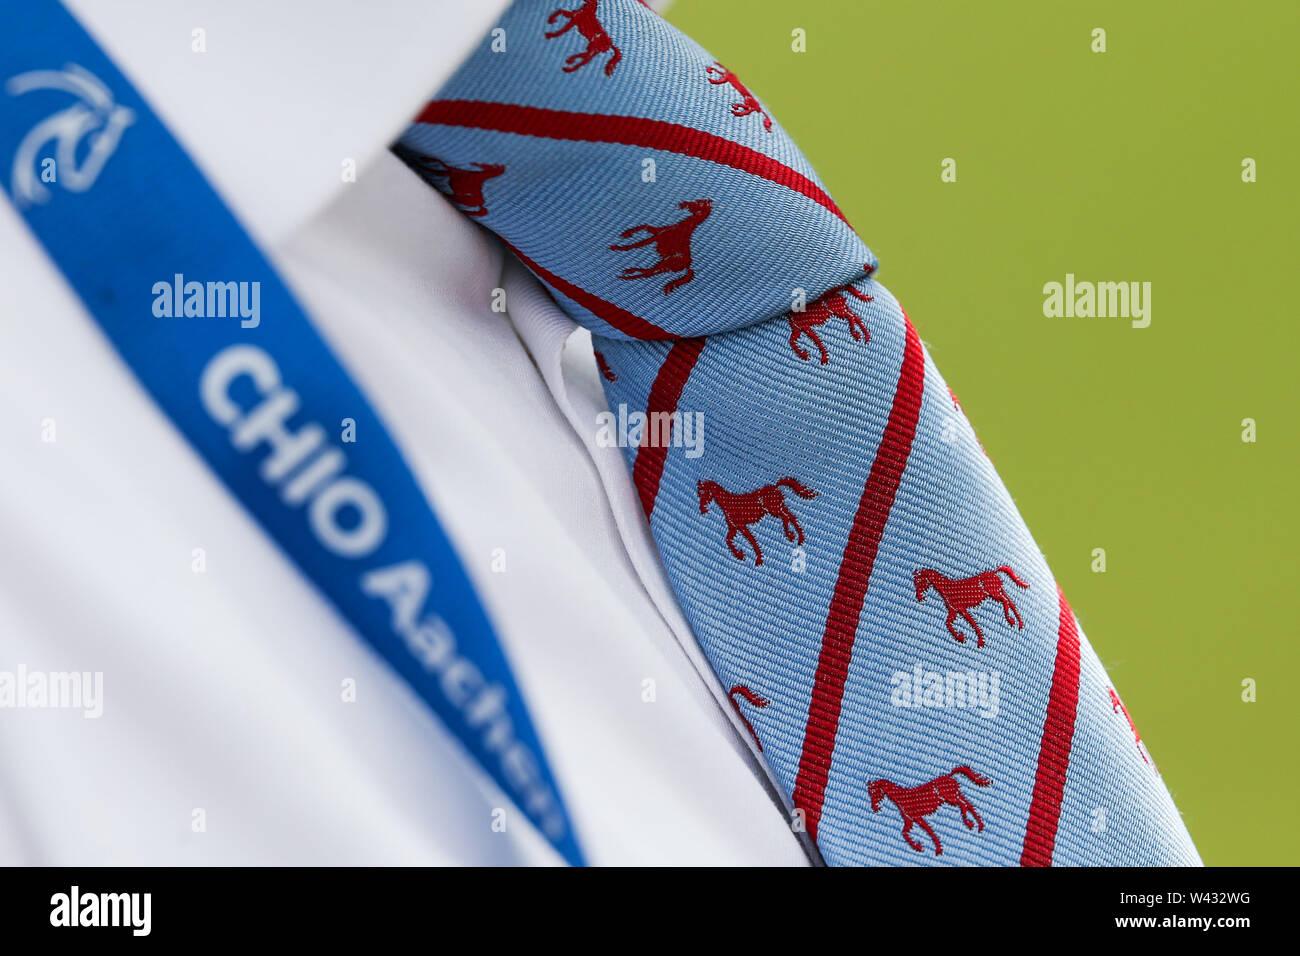 Horse Motifs Imágenes De Stock & Horse Motifs Fotos De Stock